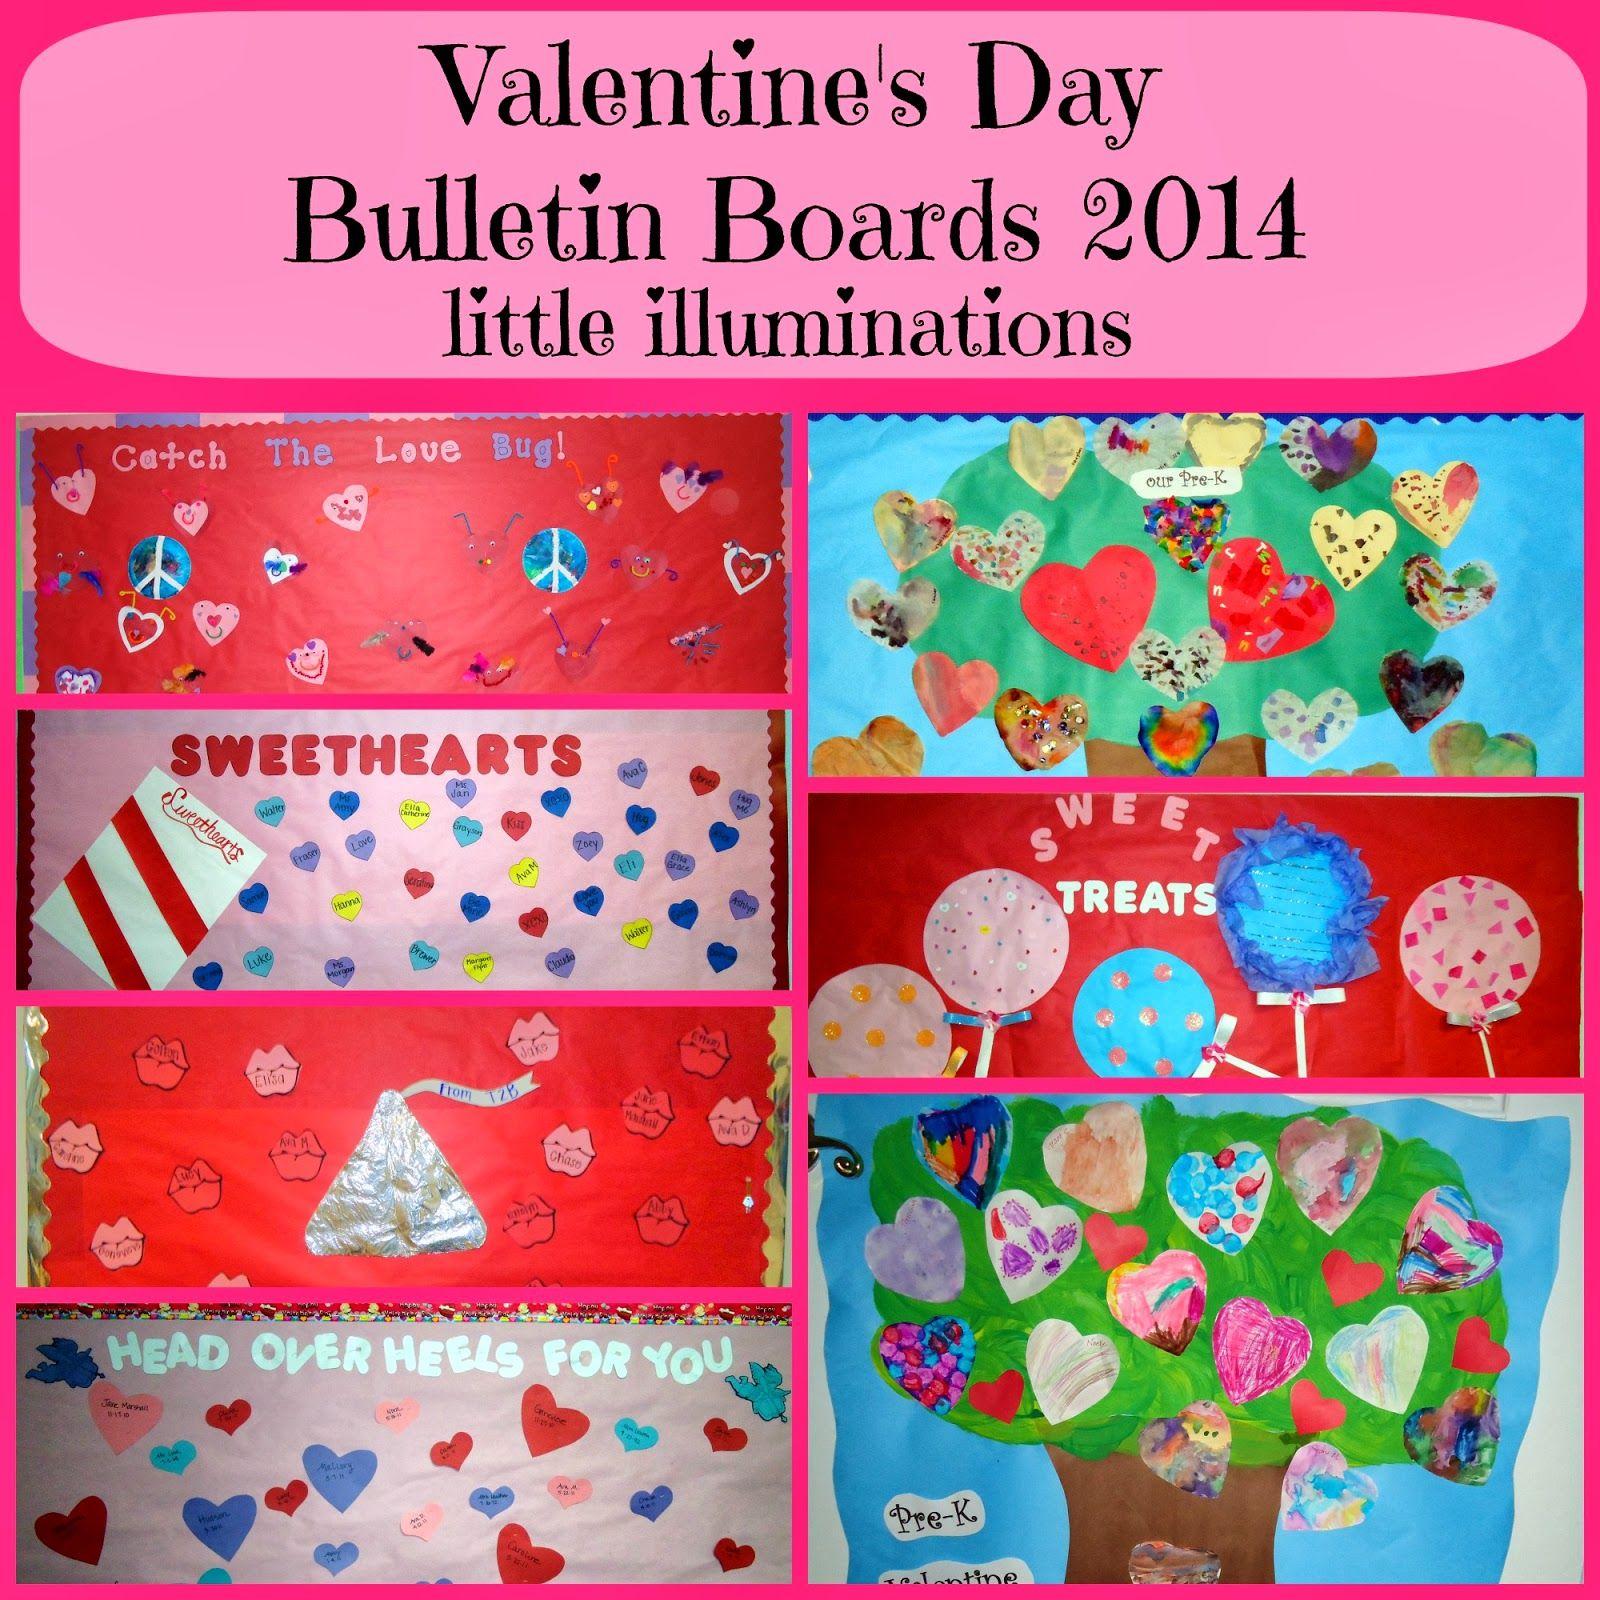 Little Illuminations: Valentineu0027s Day Bulletin Boards 2014